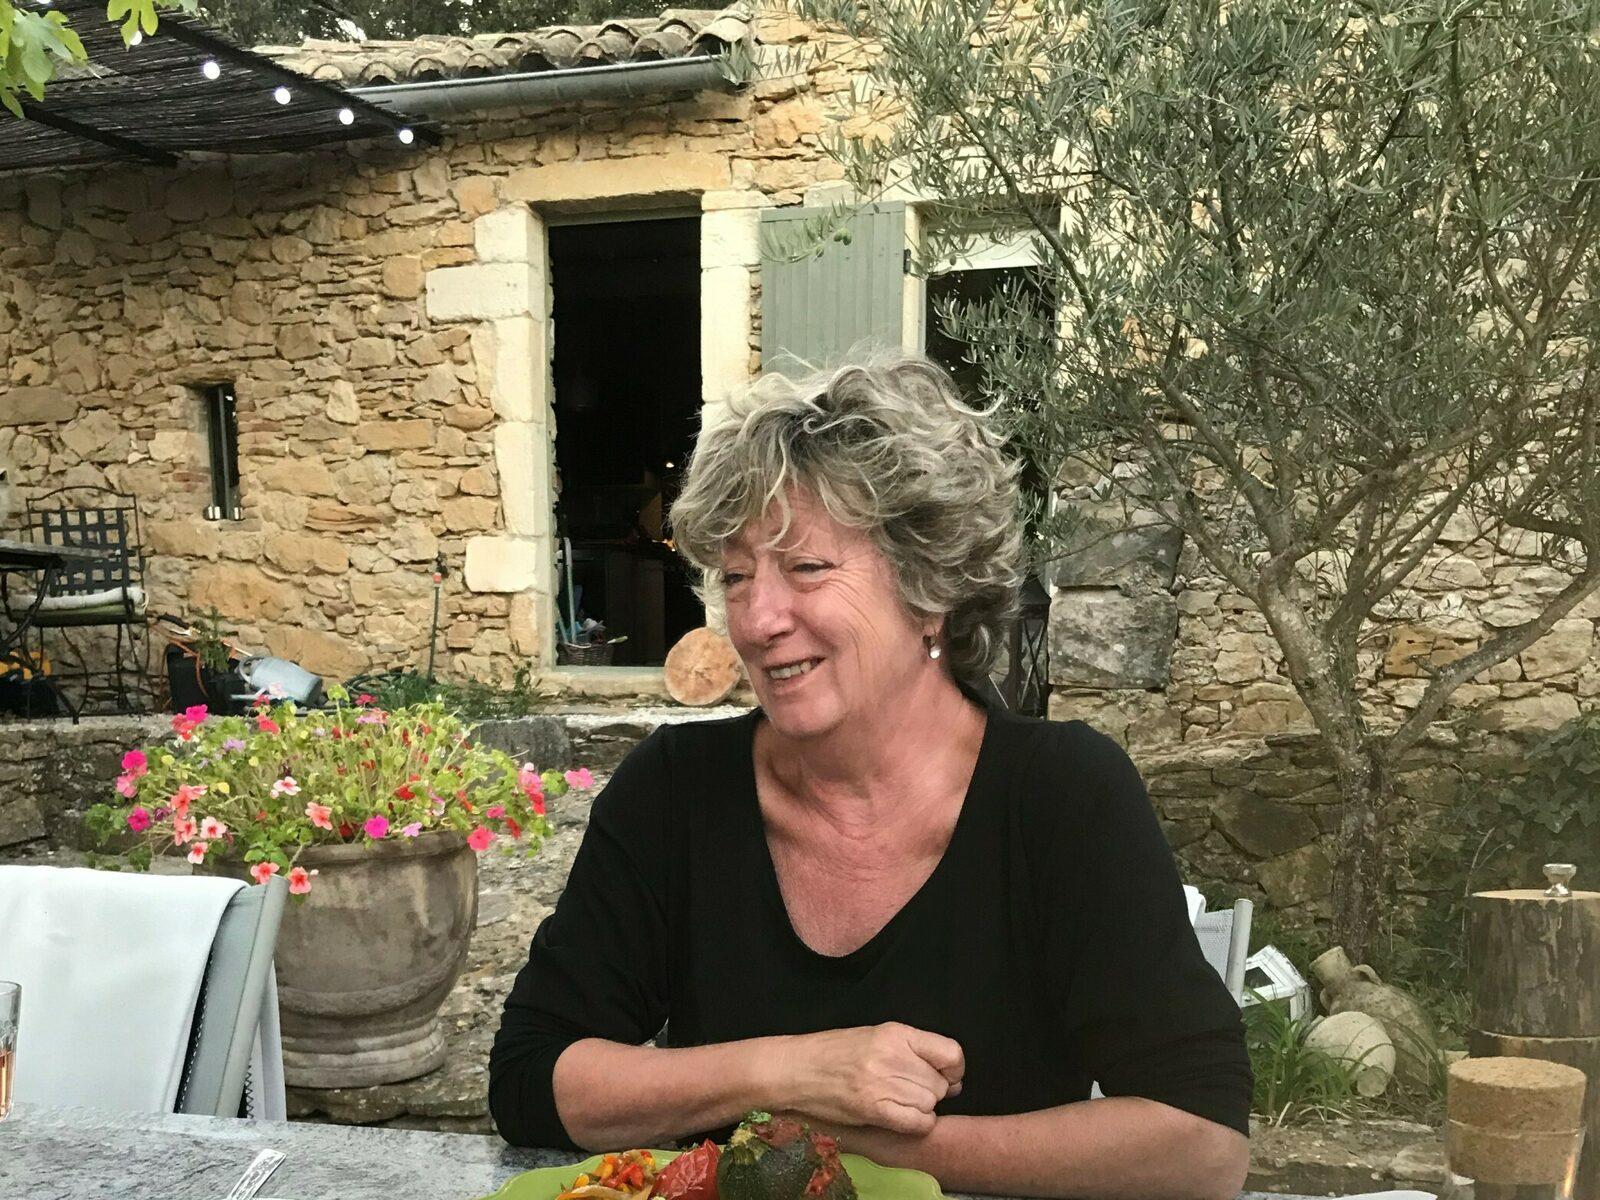 Polly eigenaresse van Le Paradis in de Gard